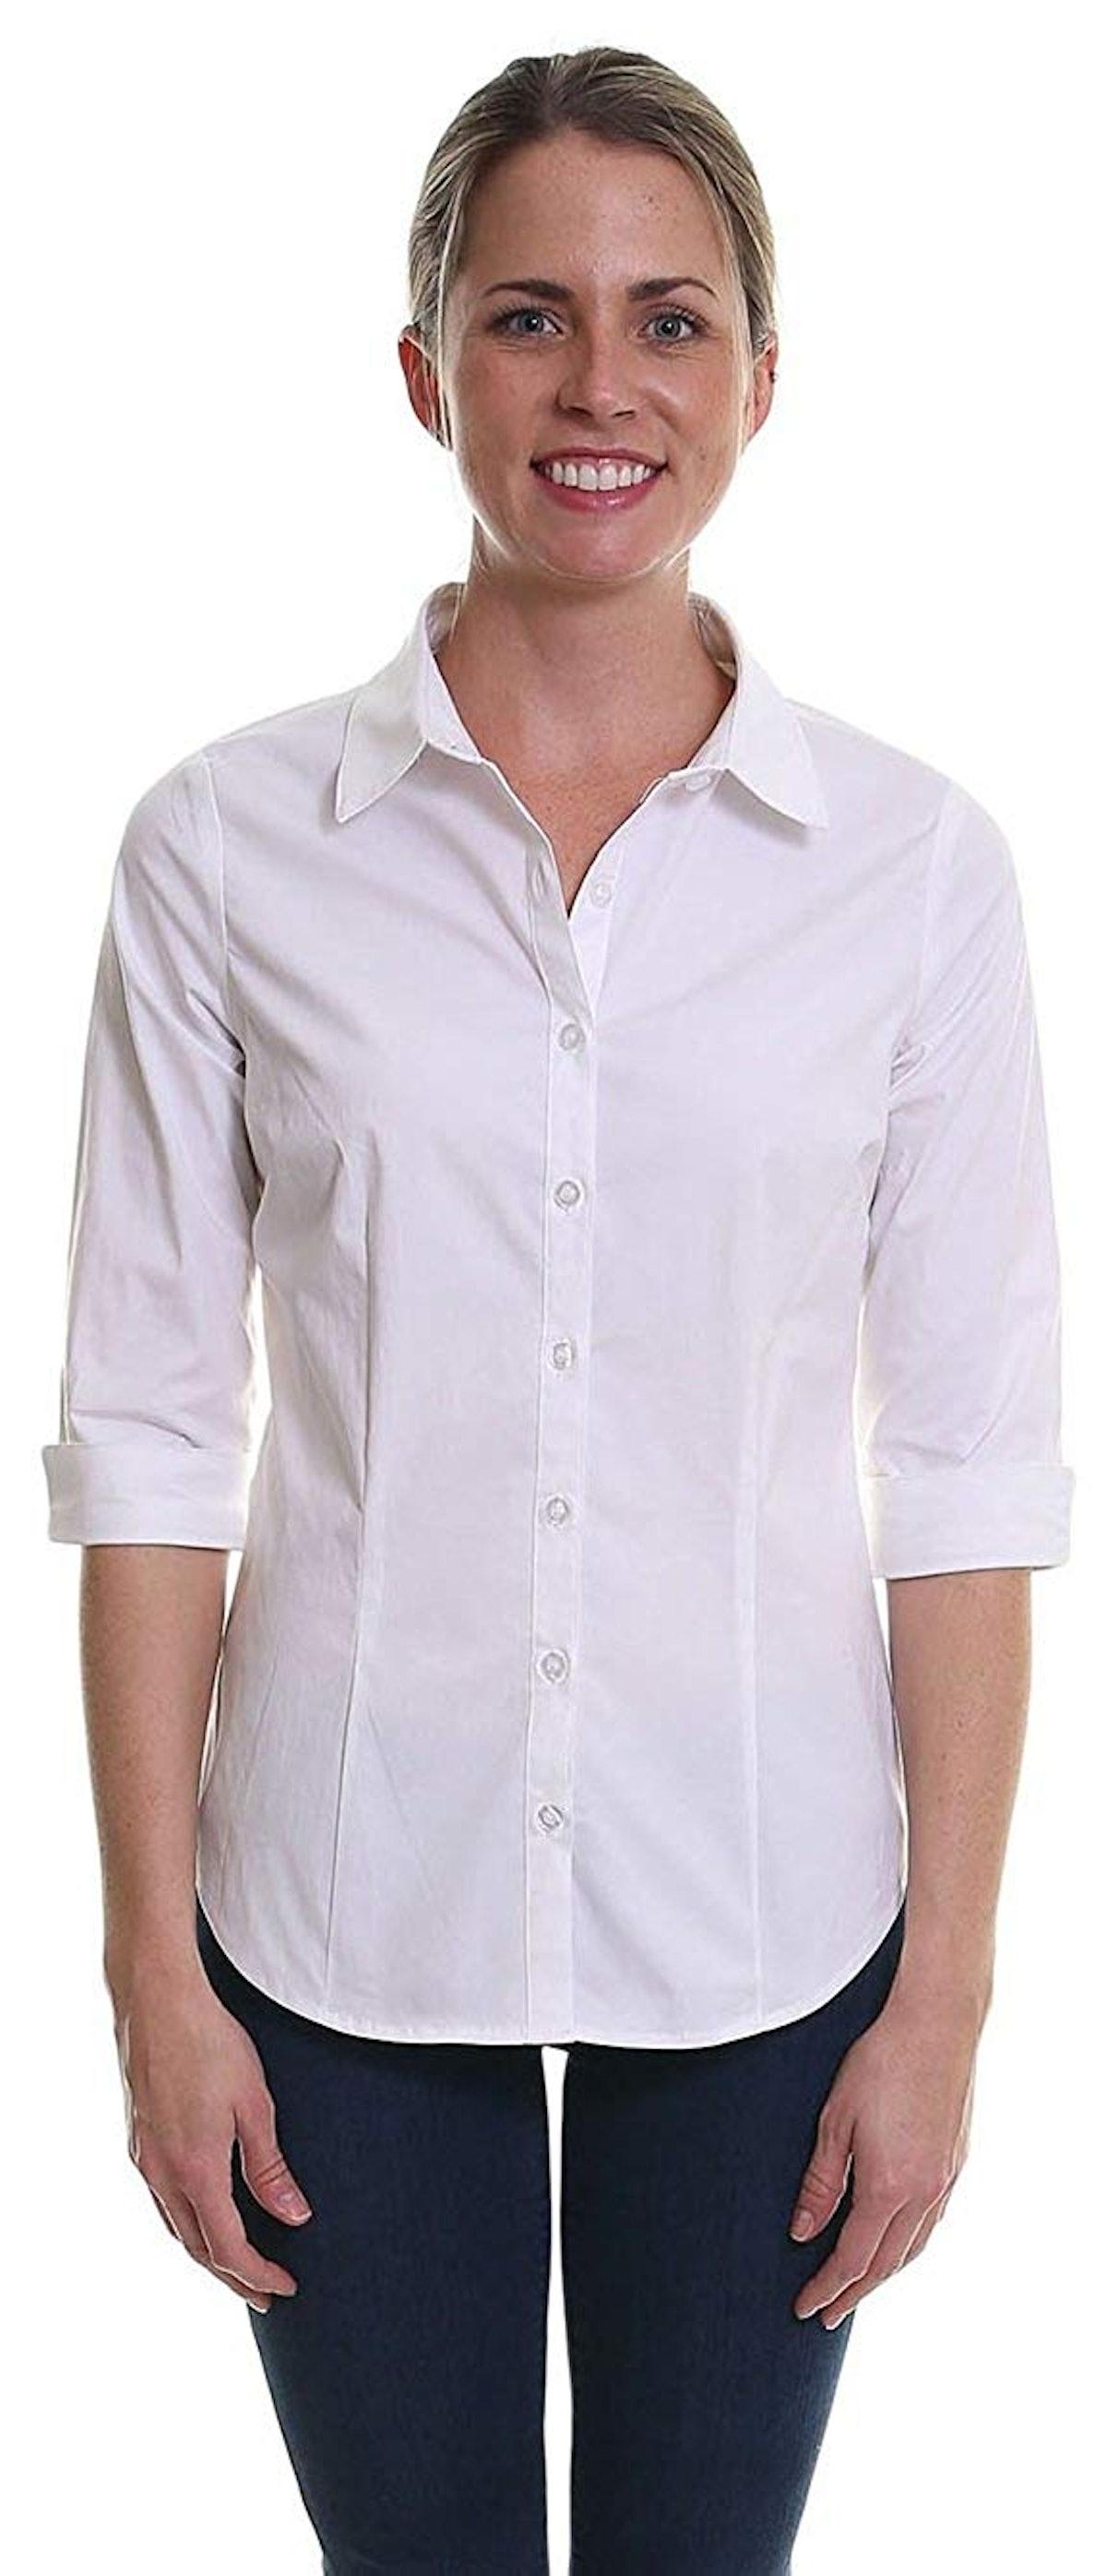 Pier 17 Women's Button Down Shirts Tailored 3/4 Sleeve Shirt